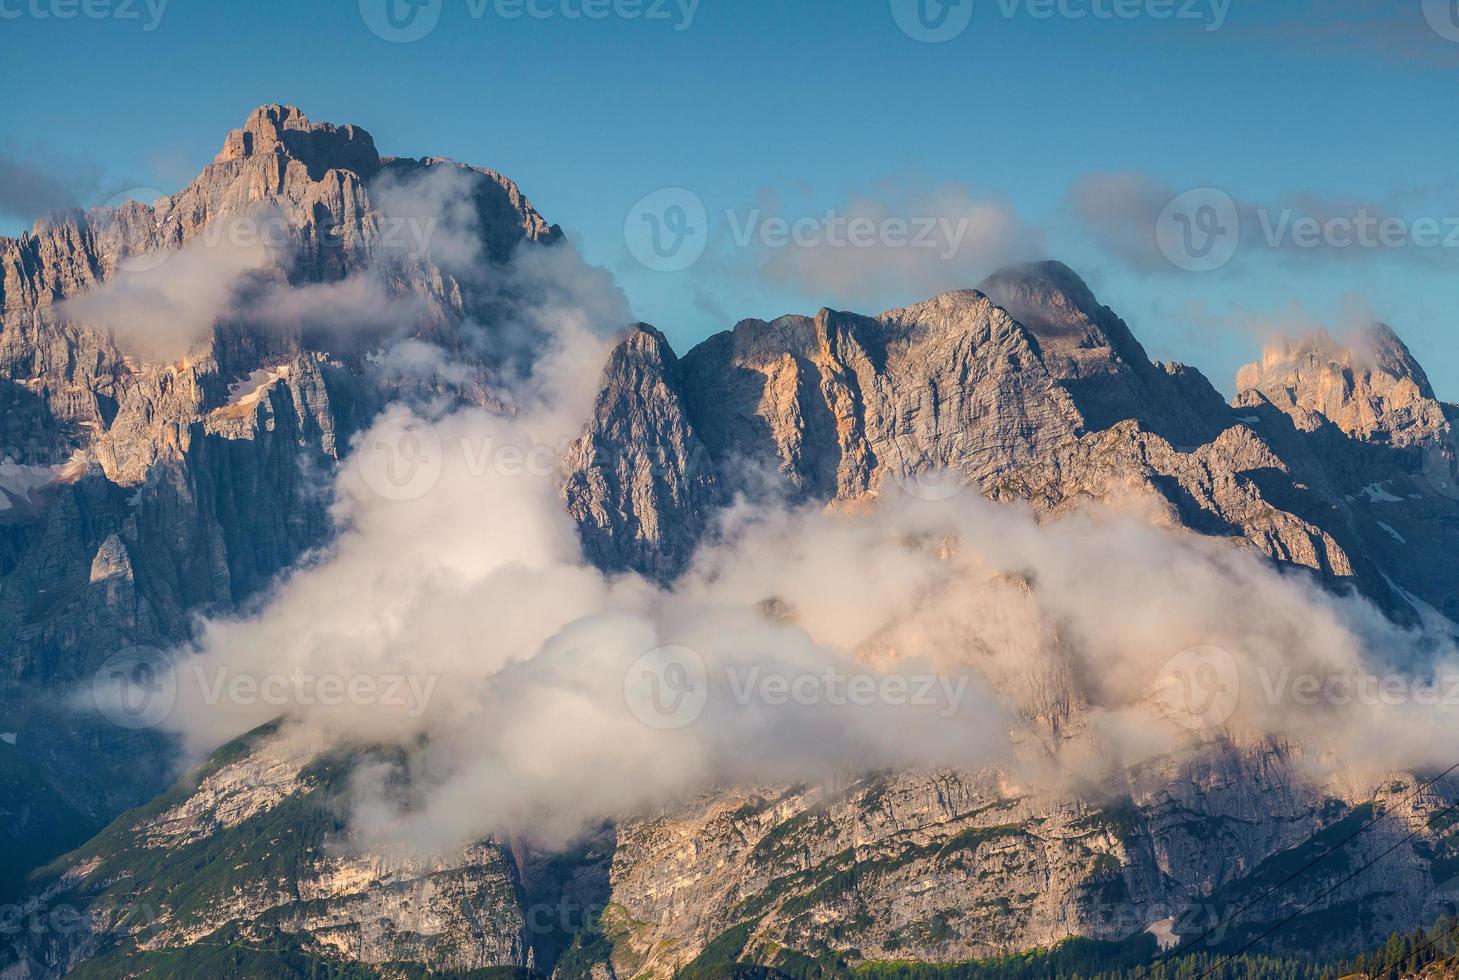 gruppo del cristallo bergketen op mistige zomerochtend foto